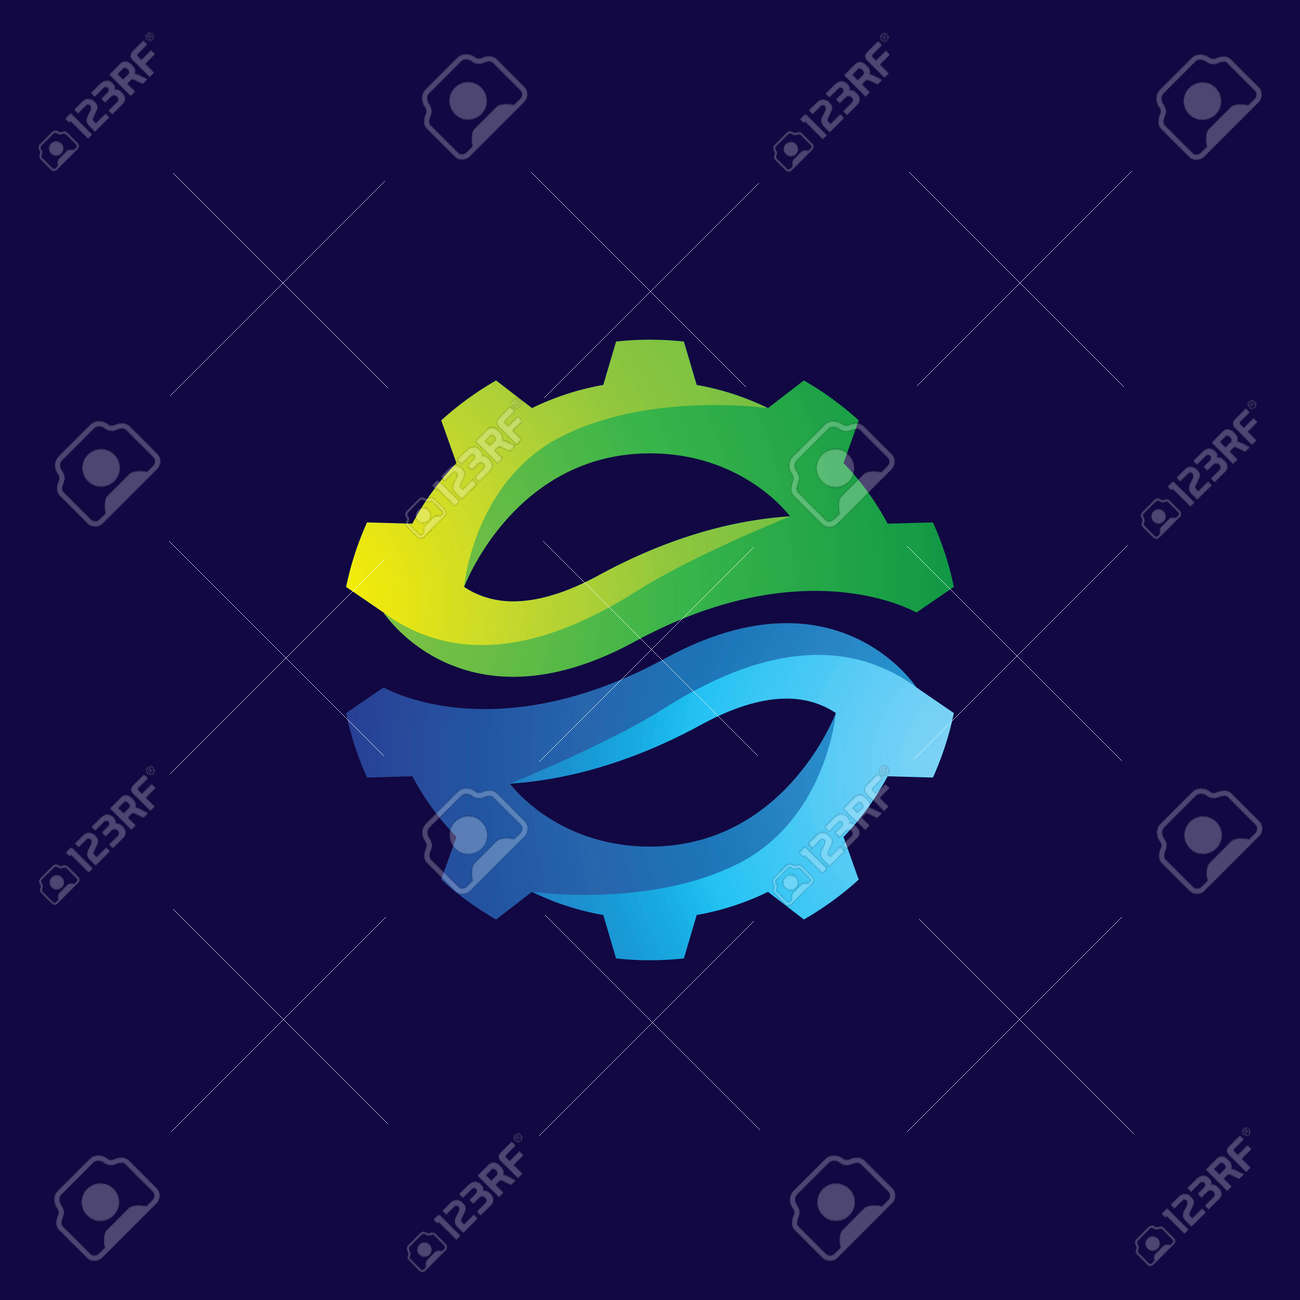 Gear logo images illustration design - 167448551